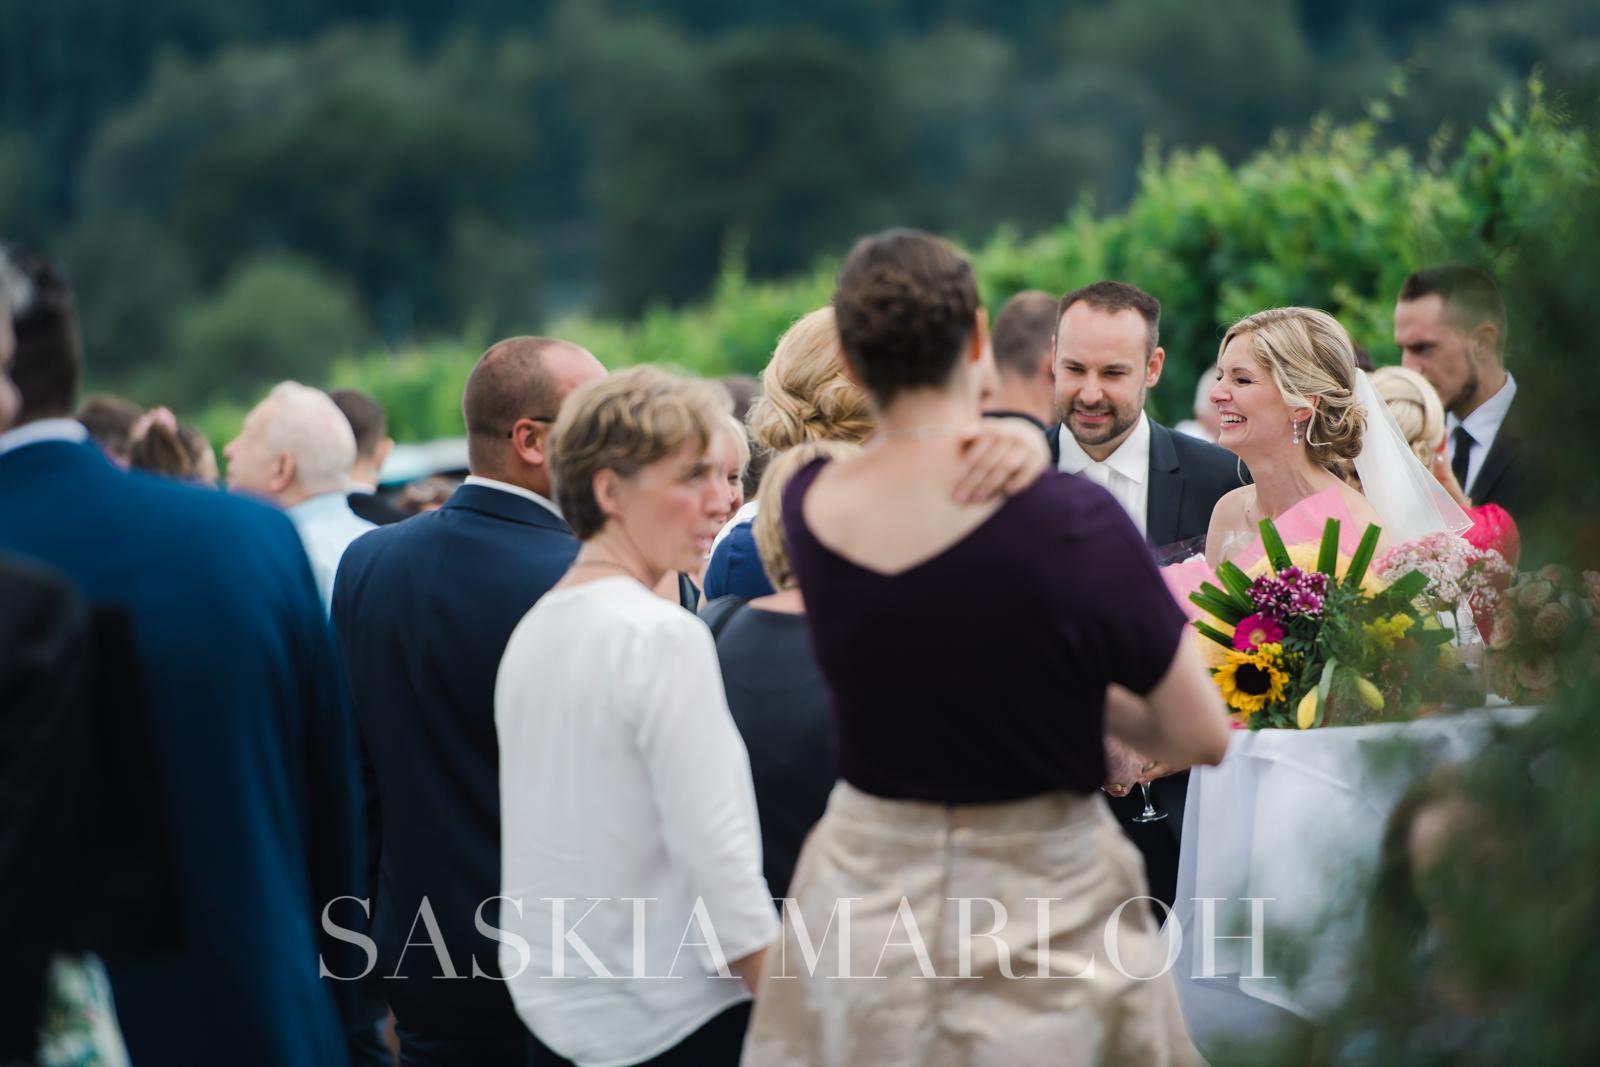 WEINGUT-GEORG-MÜLLER-CLUB-PRESTIGE-DE-LUXE-HOCHZEIT-WEDDING-PHOTO-FOTO-SASKIA-MARLOH-edit-666